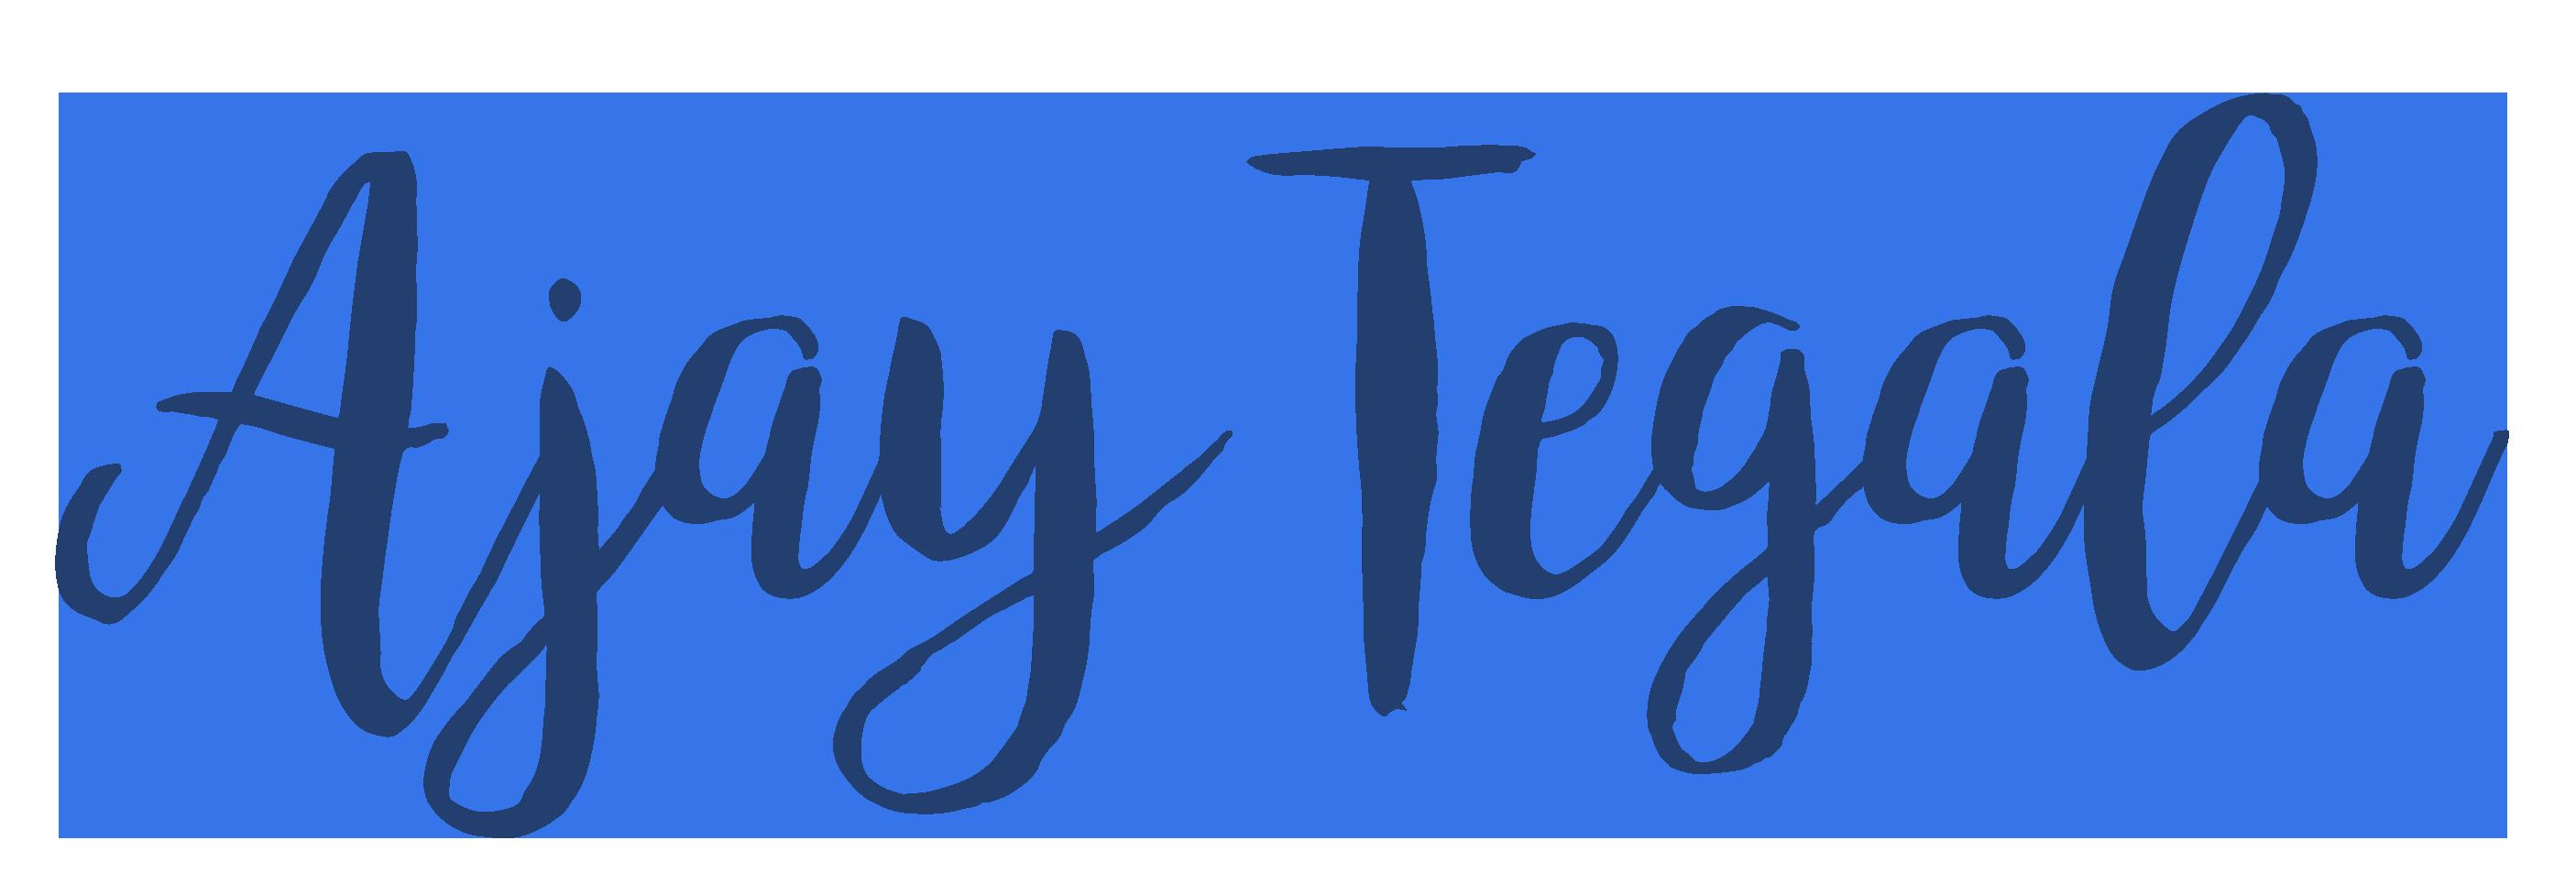 Ajay Tegala